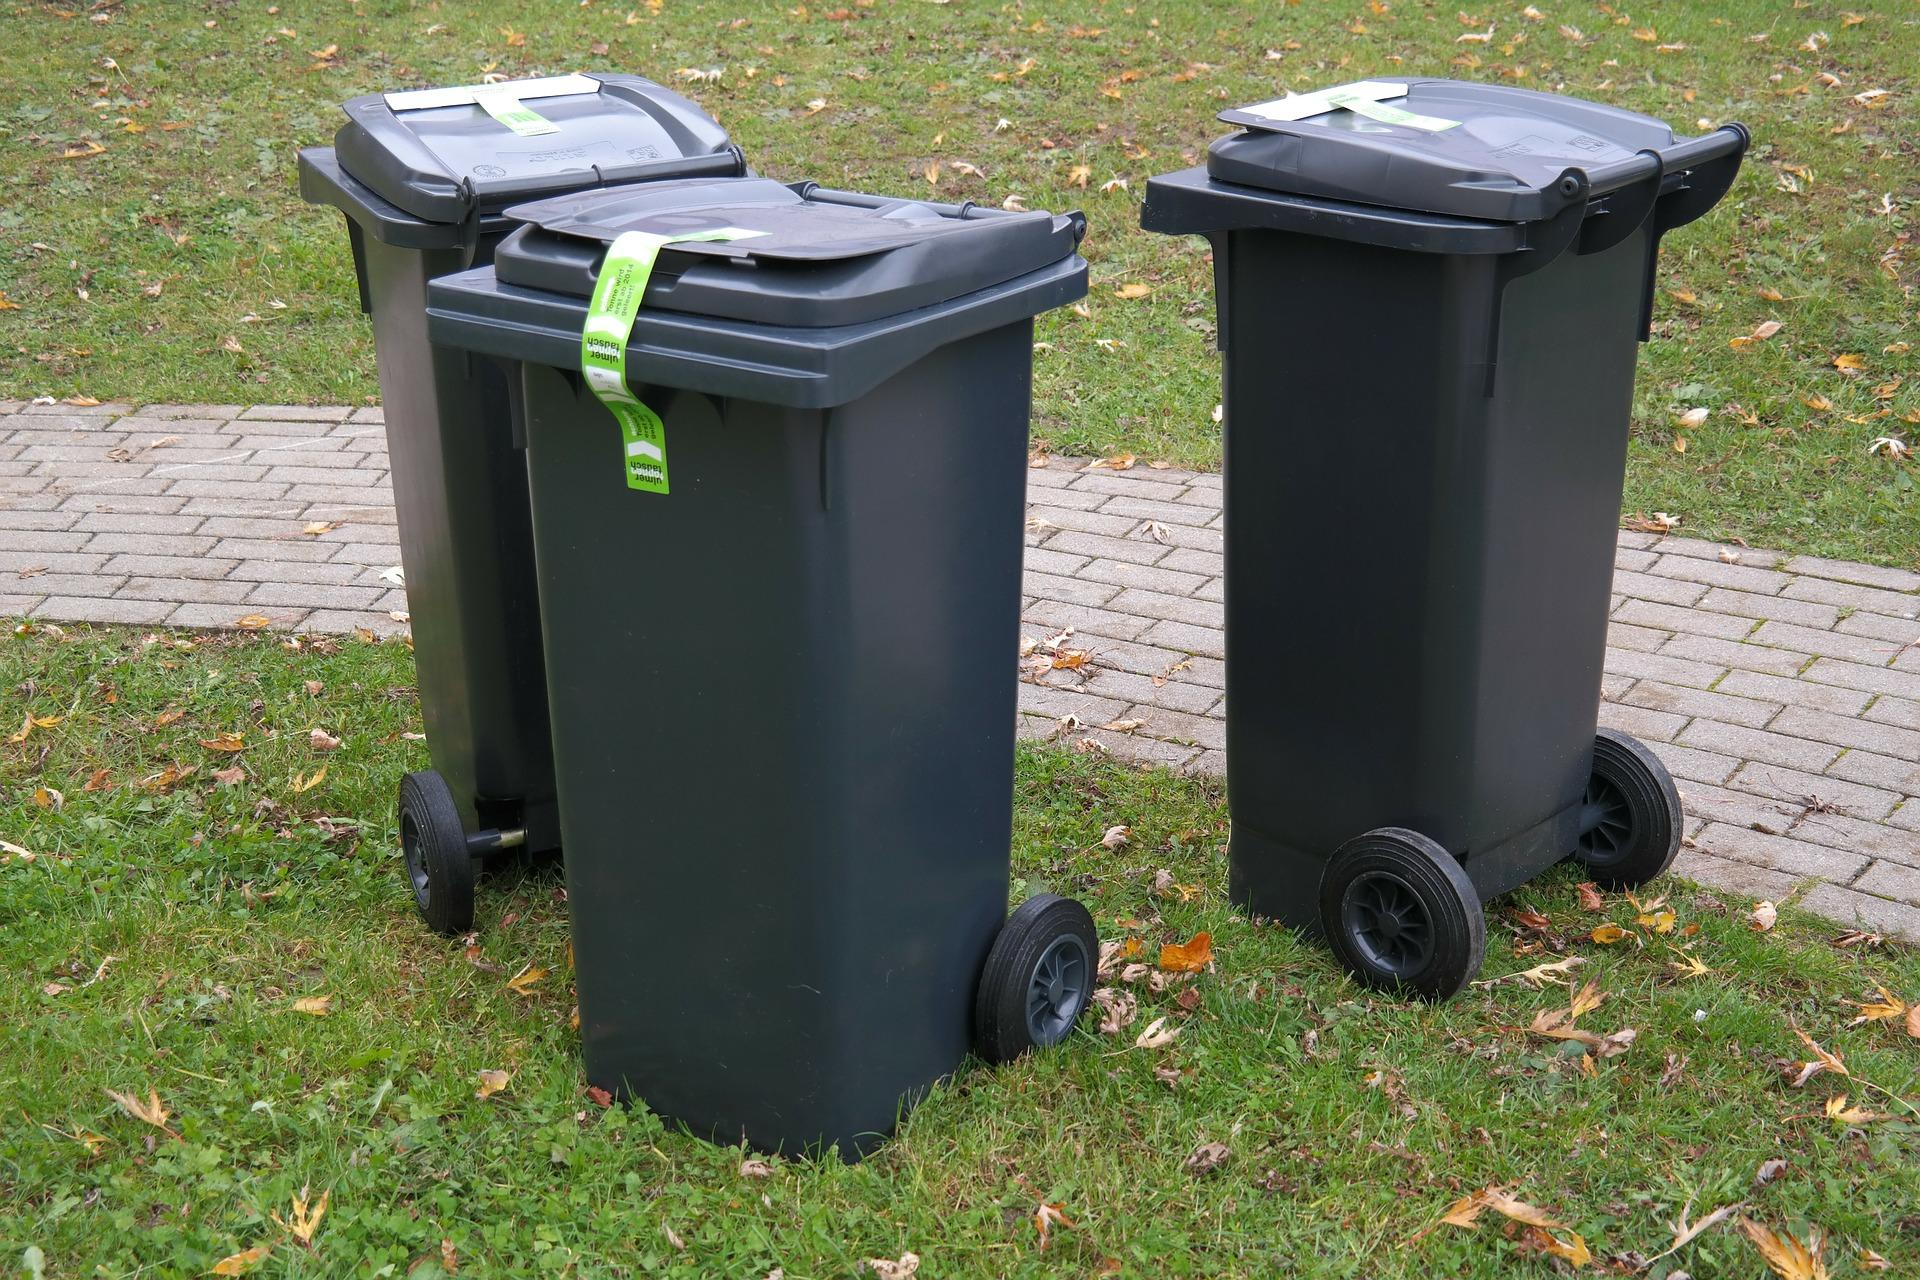 Gmina Raniżów. Oferty, które firmy złożyły w przetargu na odbiór śmieci, nie napawają optymizmem  - Zdjęcie główne